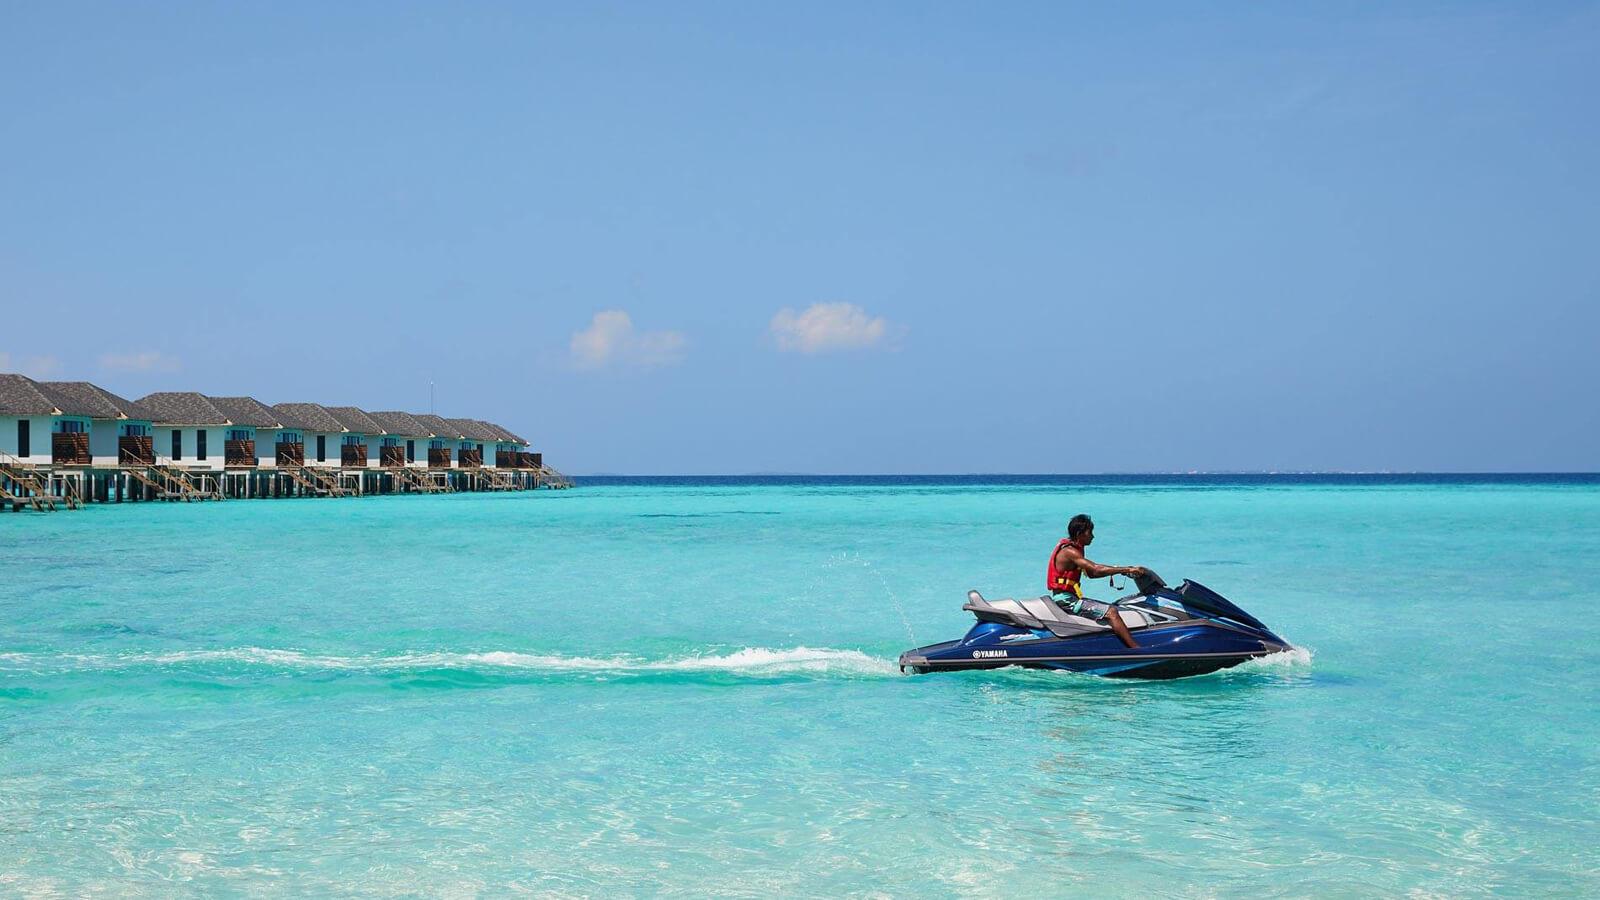 Мальдивы, отель Amari Havodda Maldives, джет скай